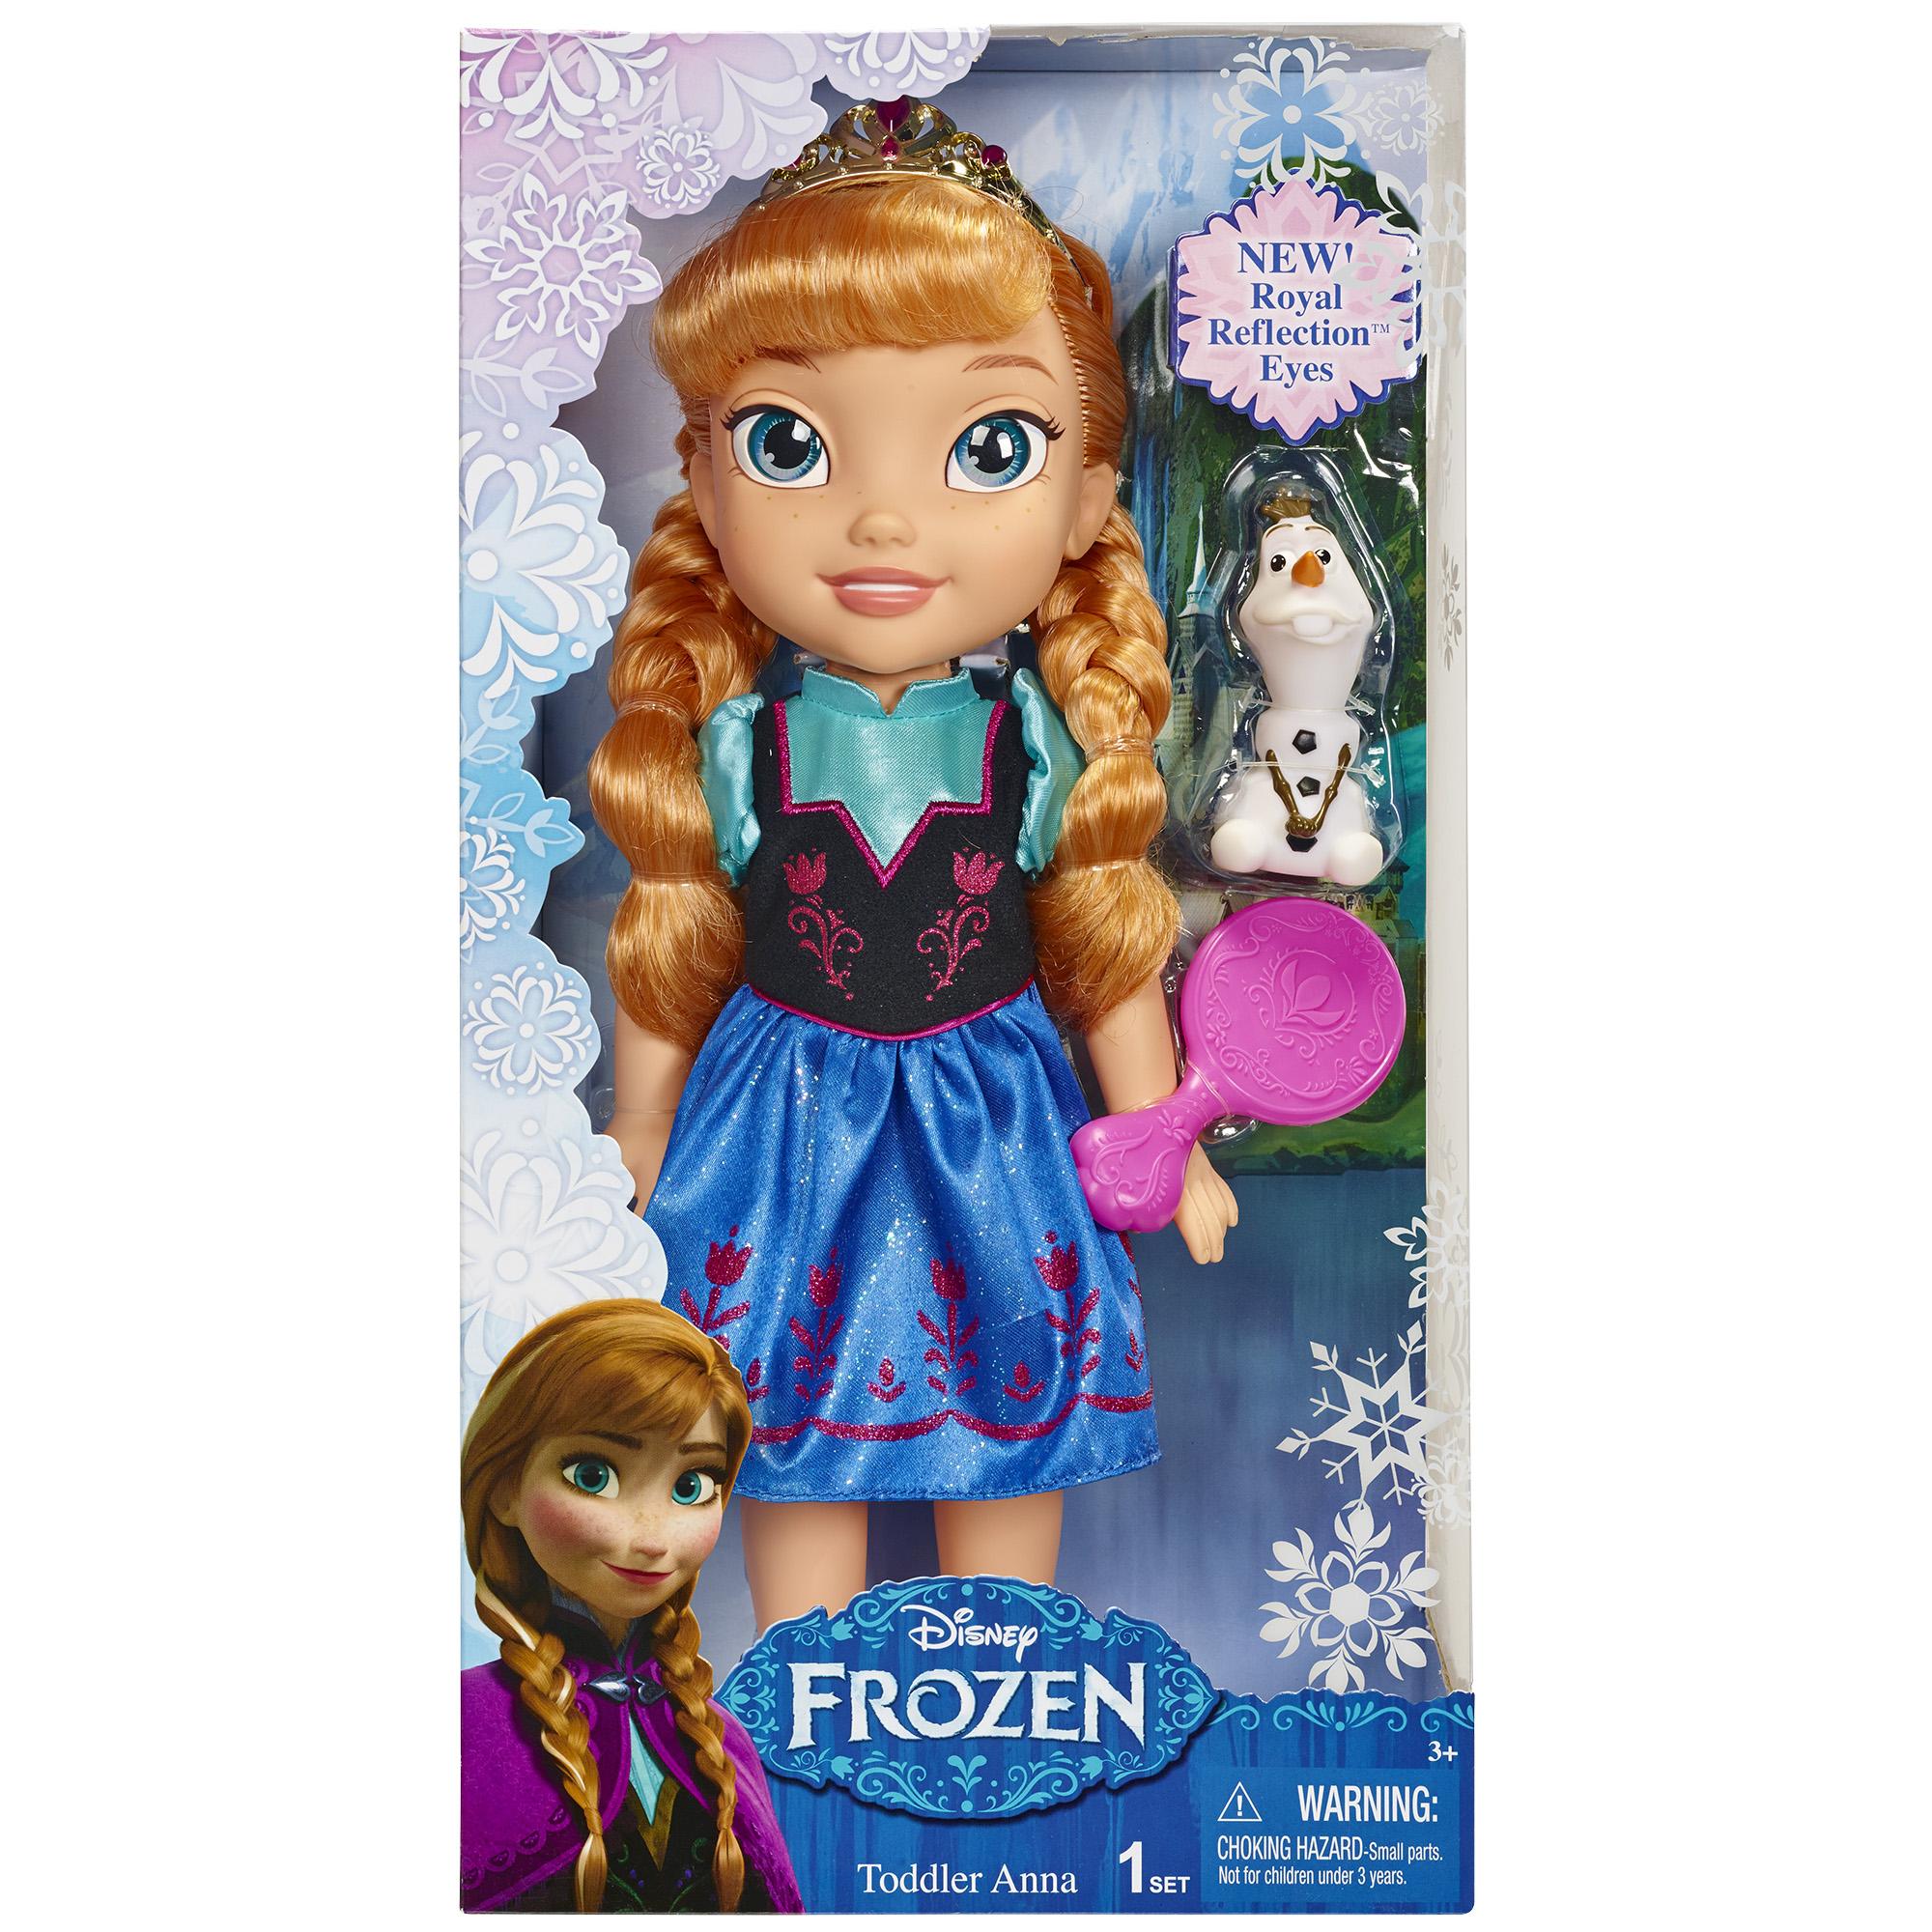 Іграшка лялька Frozen Анна арт.31002 (31069), в кор. 12*20*38см